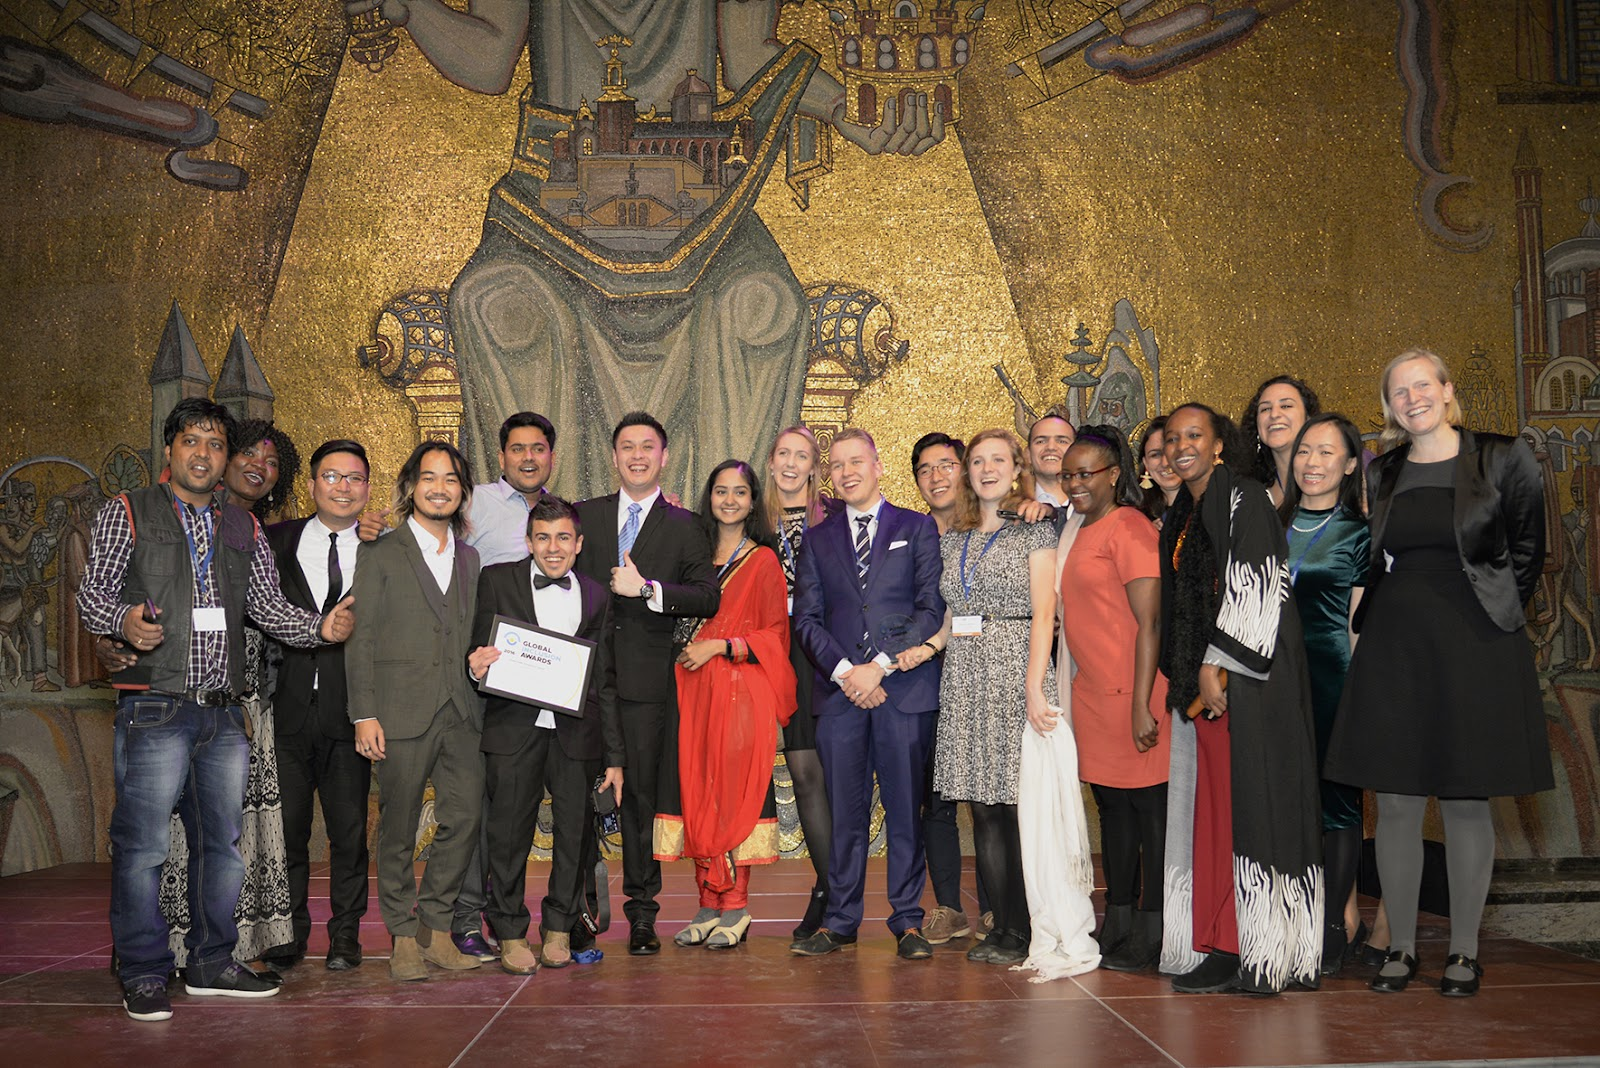 global awards1.jpg